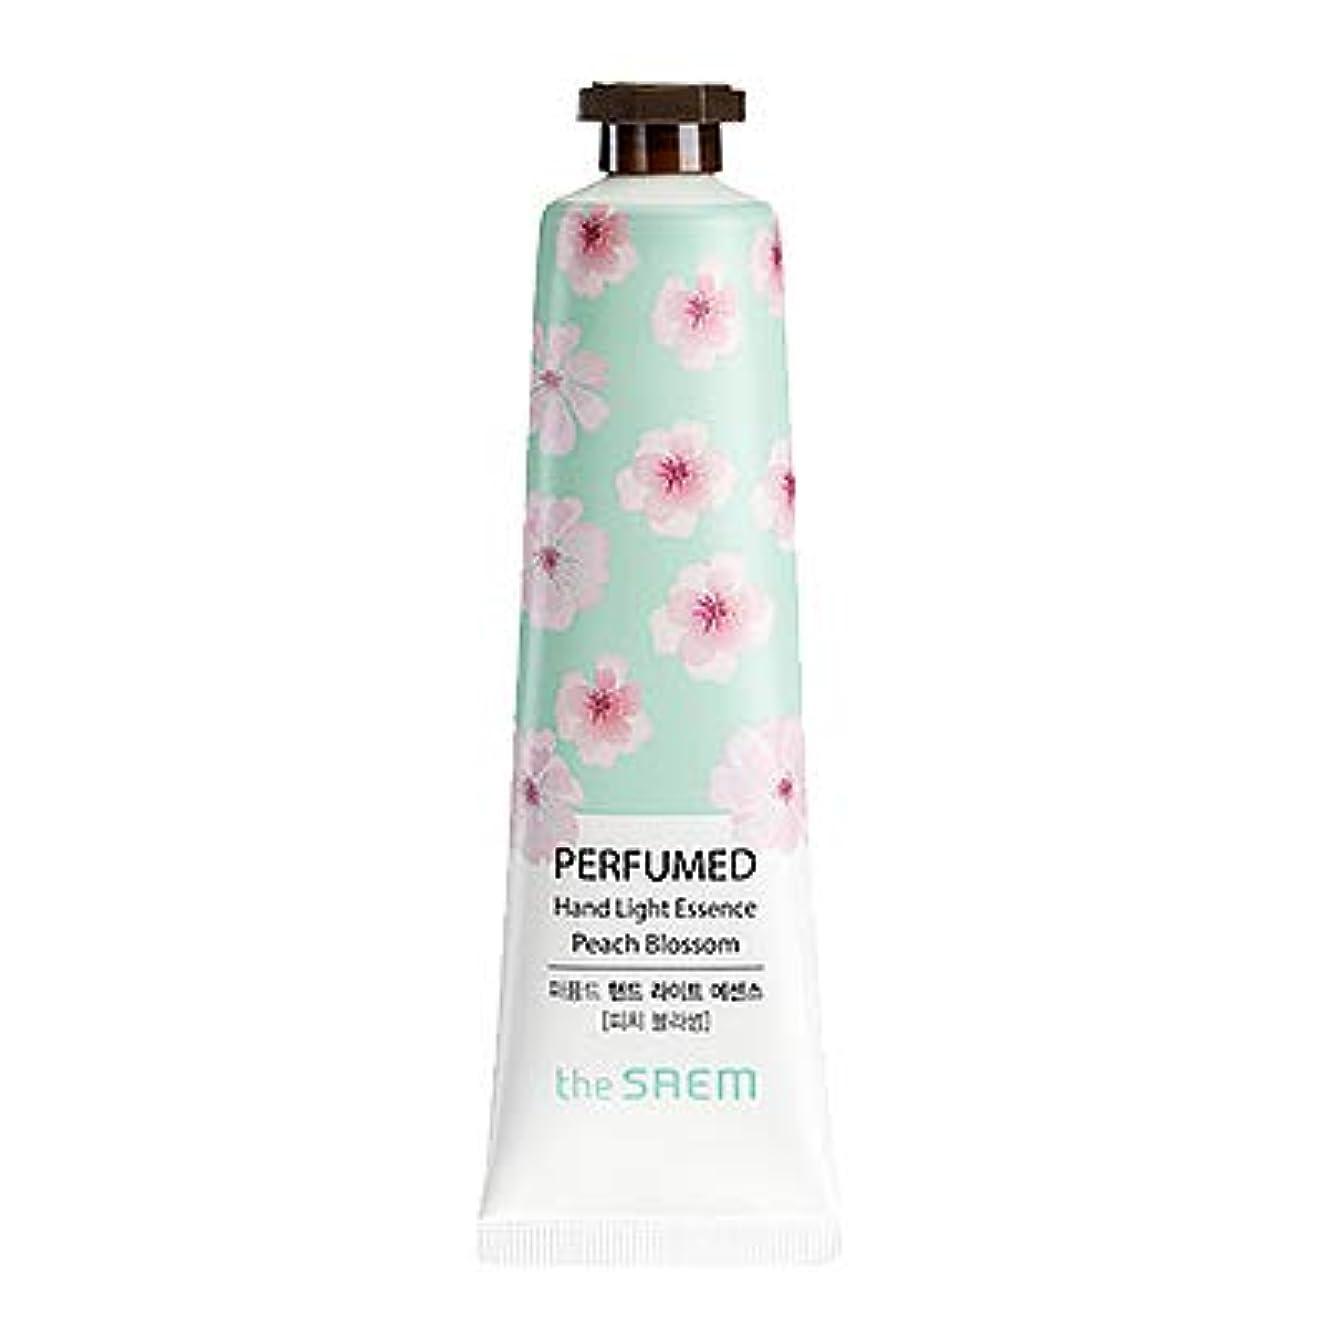 ストライク苗観客theSAEM ザセム パヒューム ハンド ライト エッセンス ハンドクリーム PERFUMED HAND LIGHT ESSENCE 韓国コスメ (E-Peach Blossom(ピーチブロッサム))